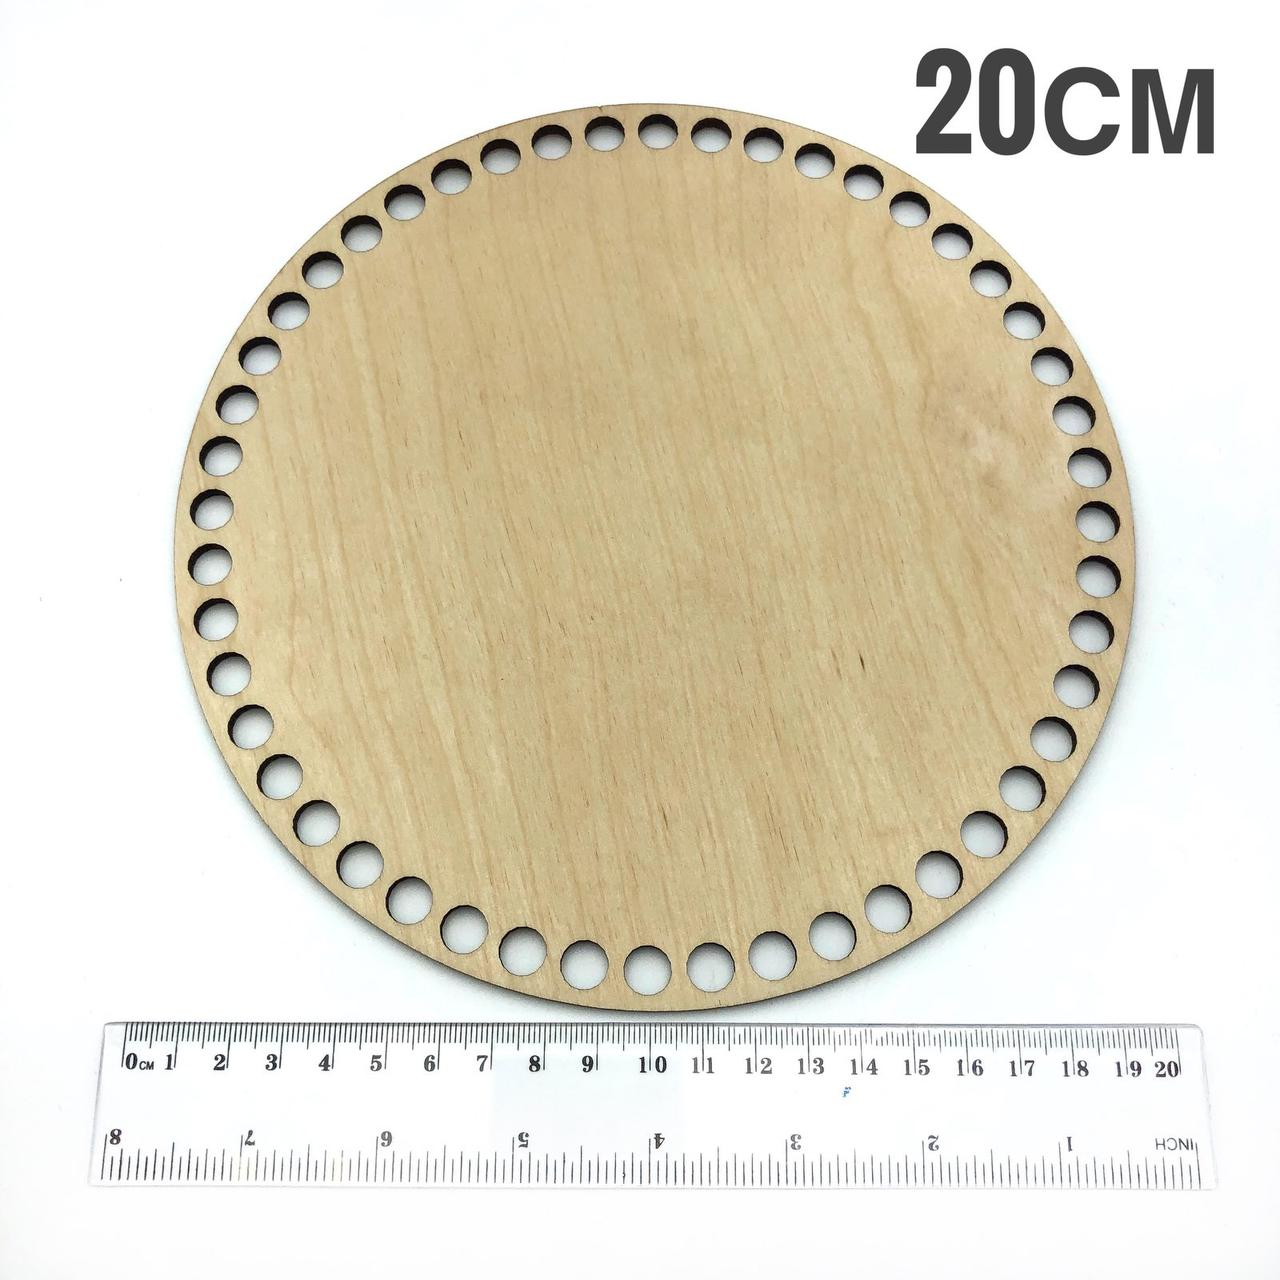 Дно деревянное круглое для вязания корзин из трикотажной пряжи 20 см